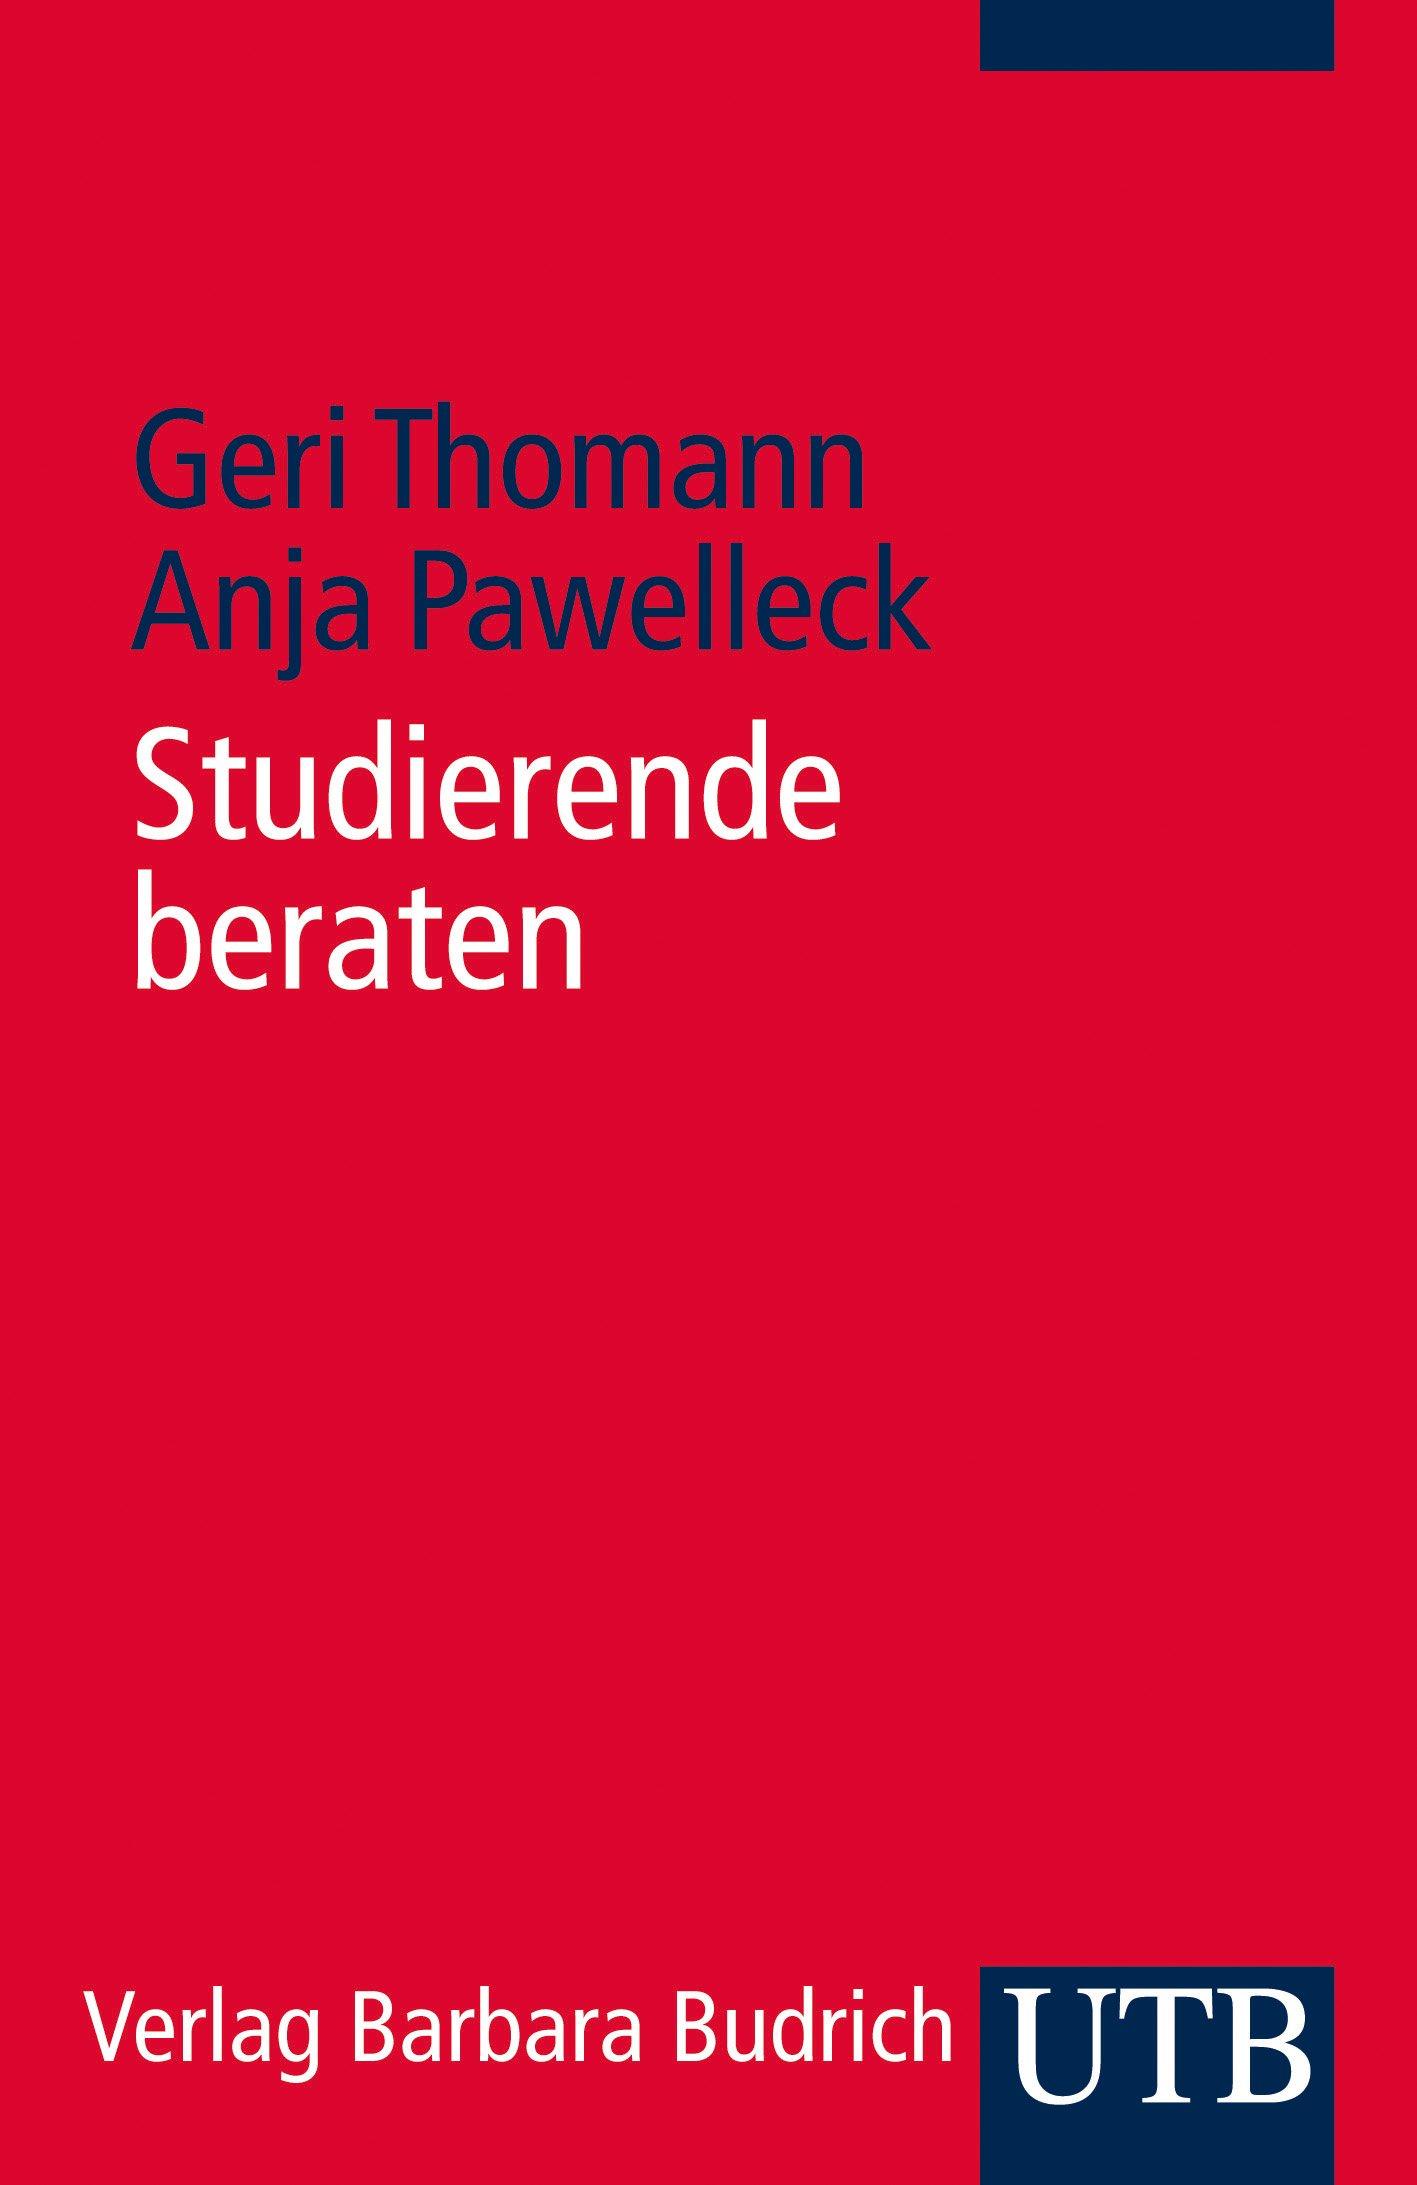 Studierende beraten (Kompetent lehren, Band 4012) Taschenbuch – 23. Oktober 2013 Geri Thomann Anja Pawelleck UTB GmbH 3825240126